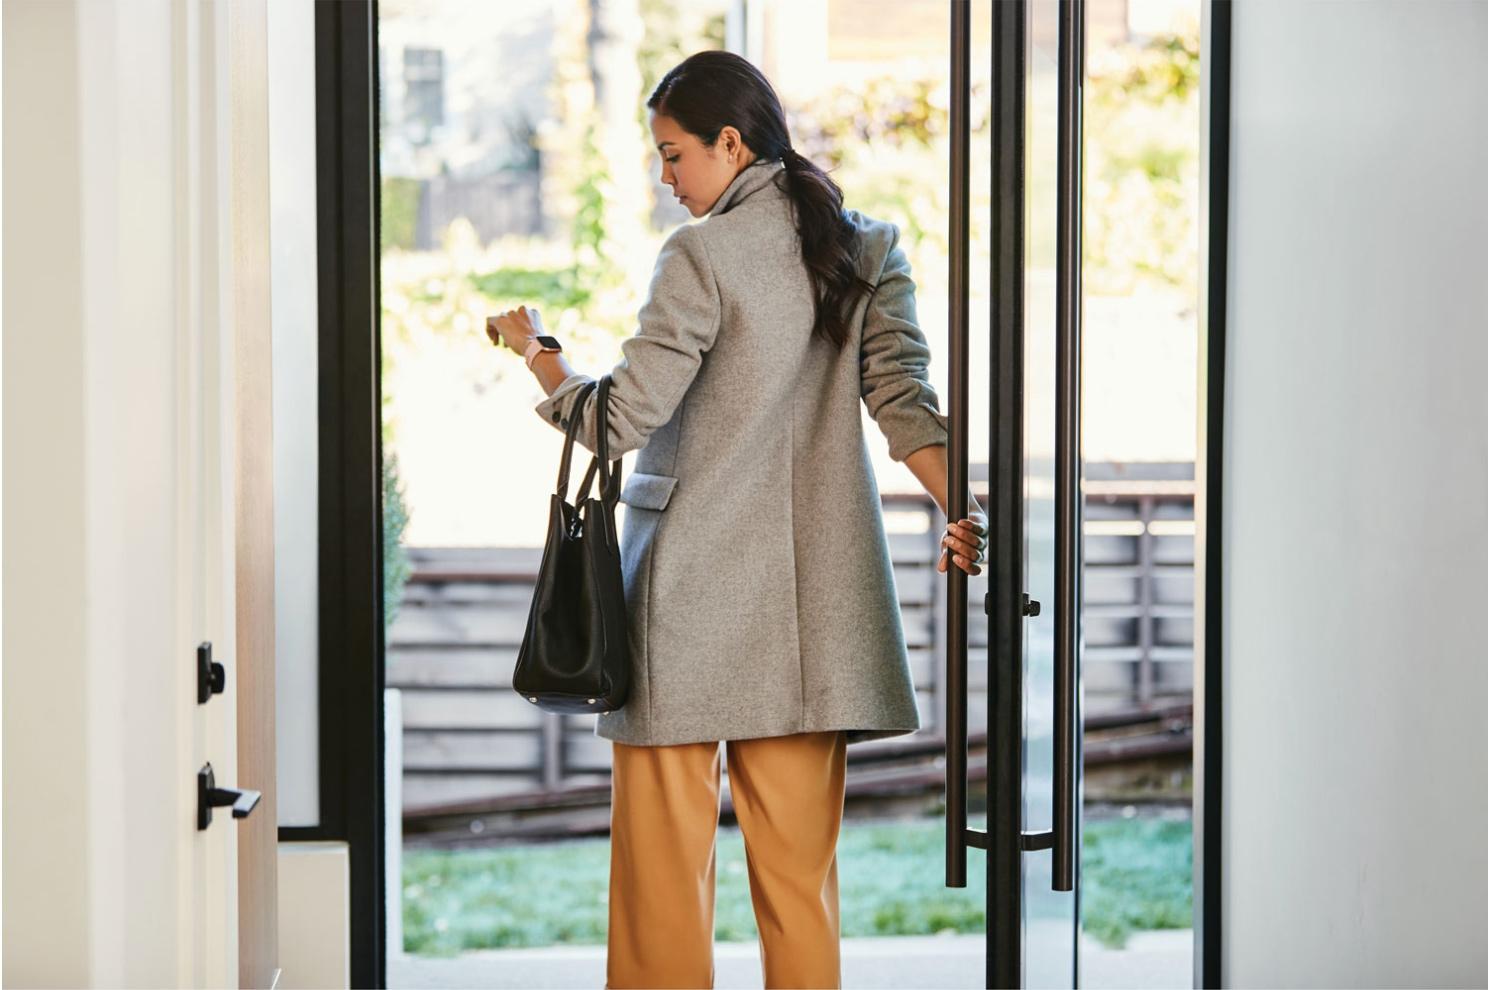 Woman wearing Fitbit smartwatch